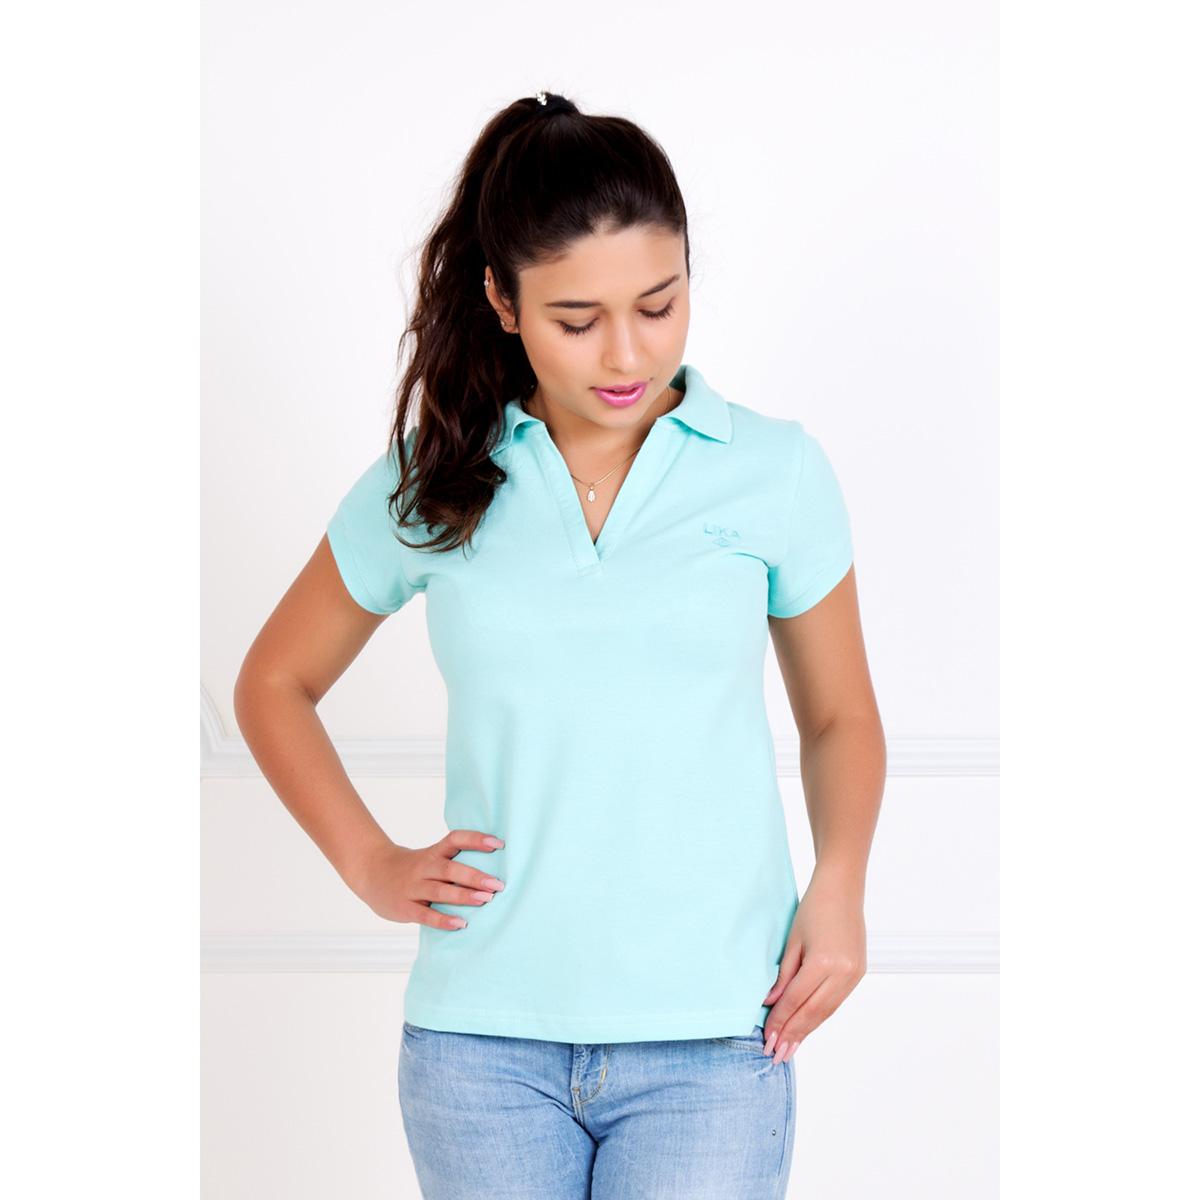 Женская футболка-поло Шерт Ментол, размер 40Майки и футболки<br>Обхват груди: 80 см <br>Обхват талии: 62 см <br>Обхват бедер: 88 см <br>Рост: 167 см<br><br>Тип: Жен. футболка<br>Размер: 40<br>Материал: Пике